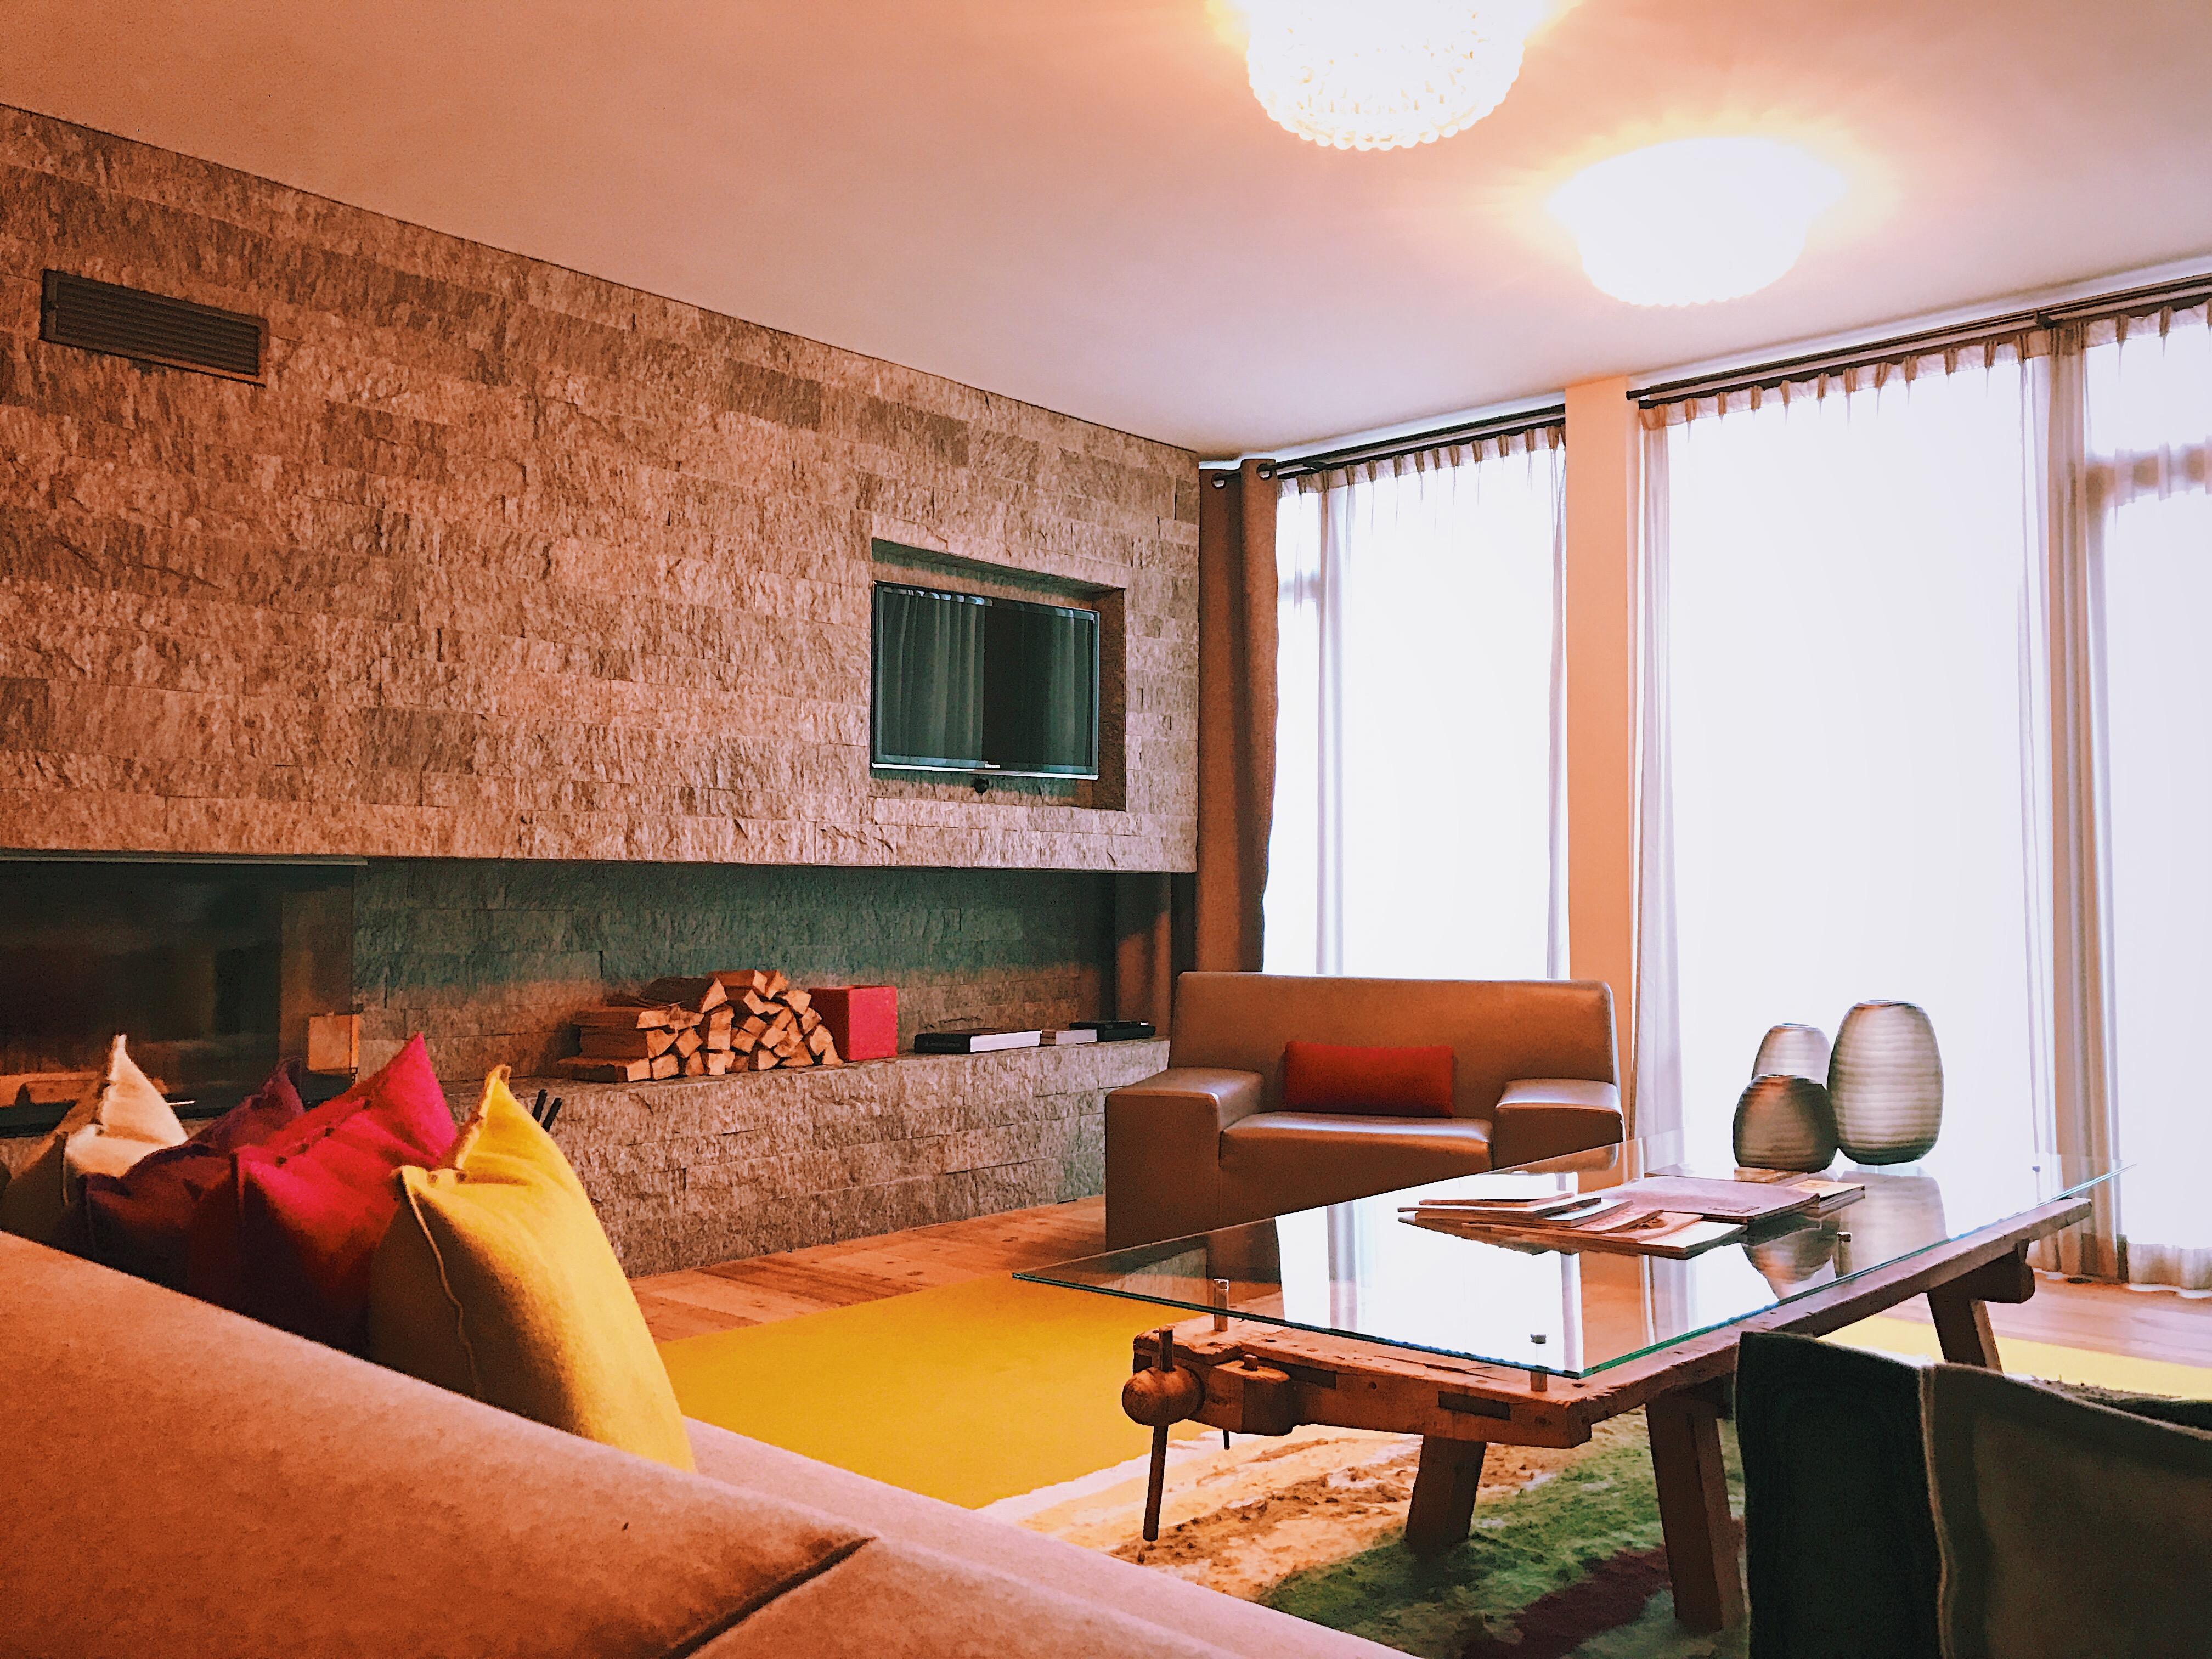 Bond Suite Room 427, Hotel Bergland Soelden, #auskia